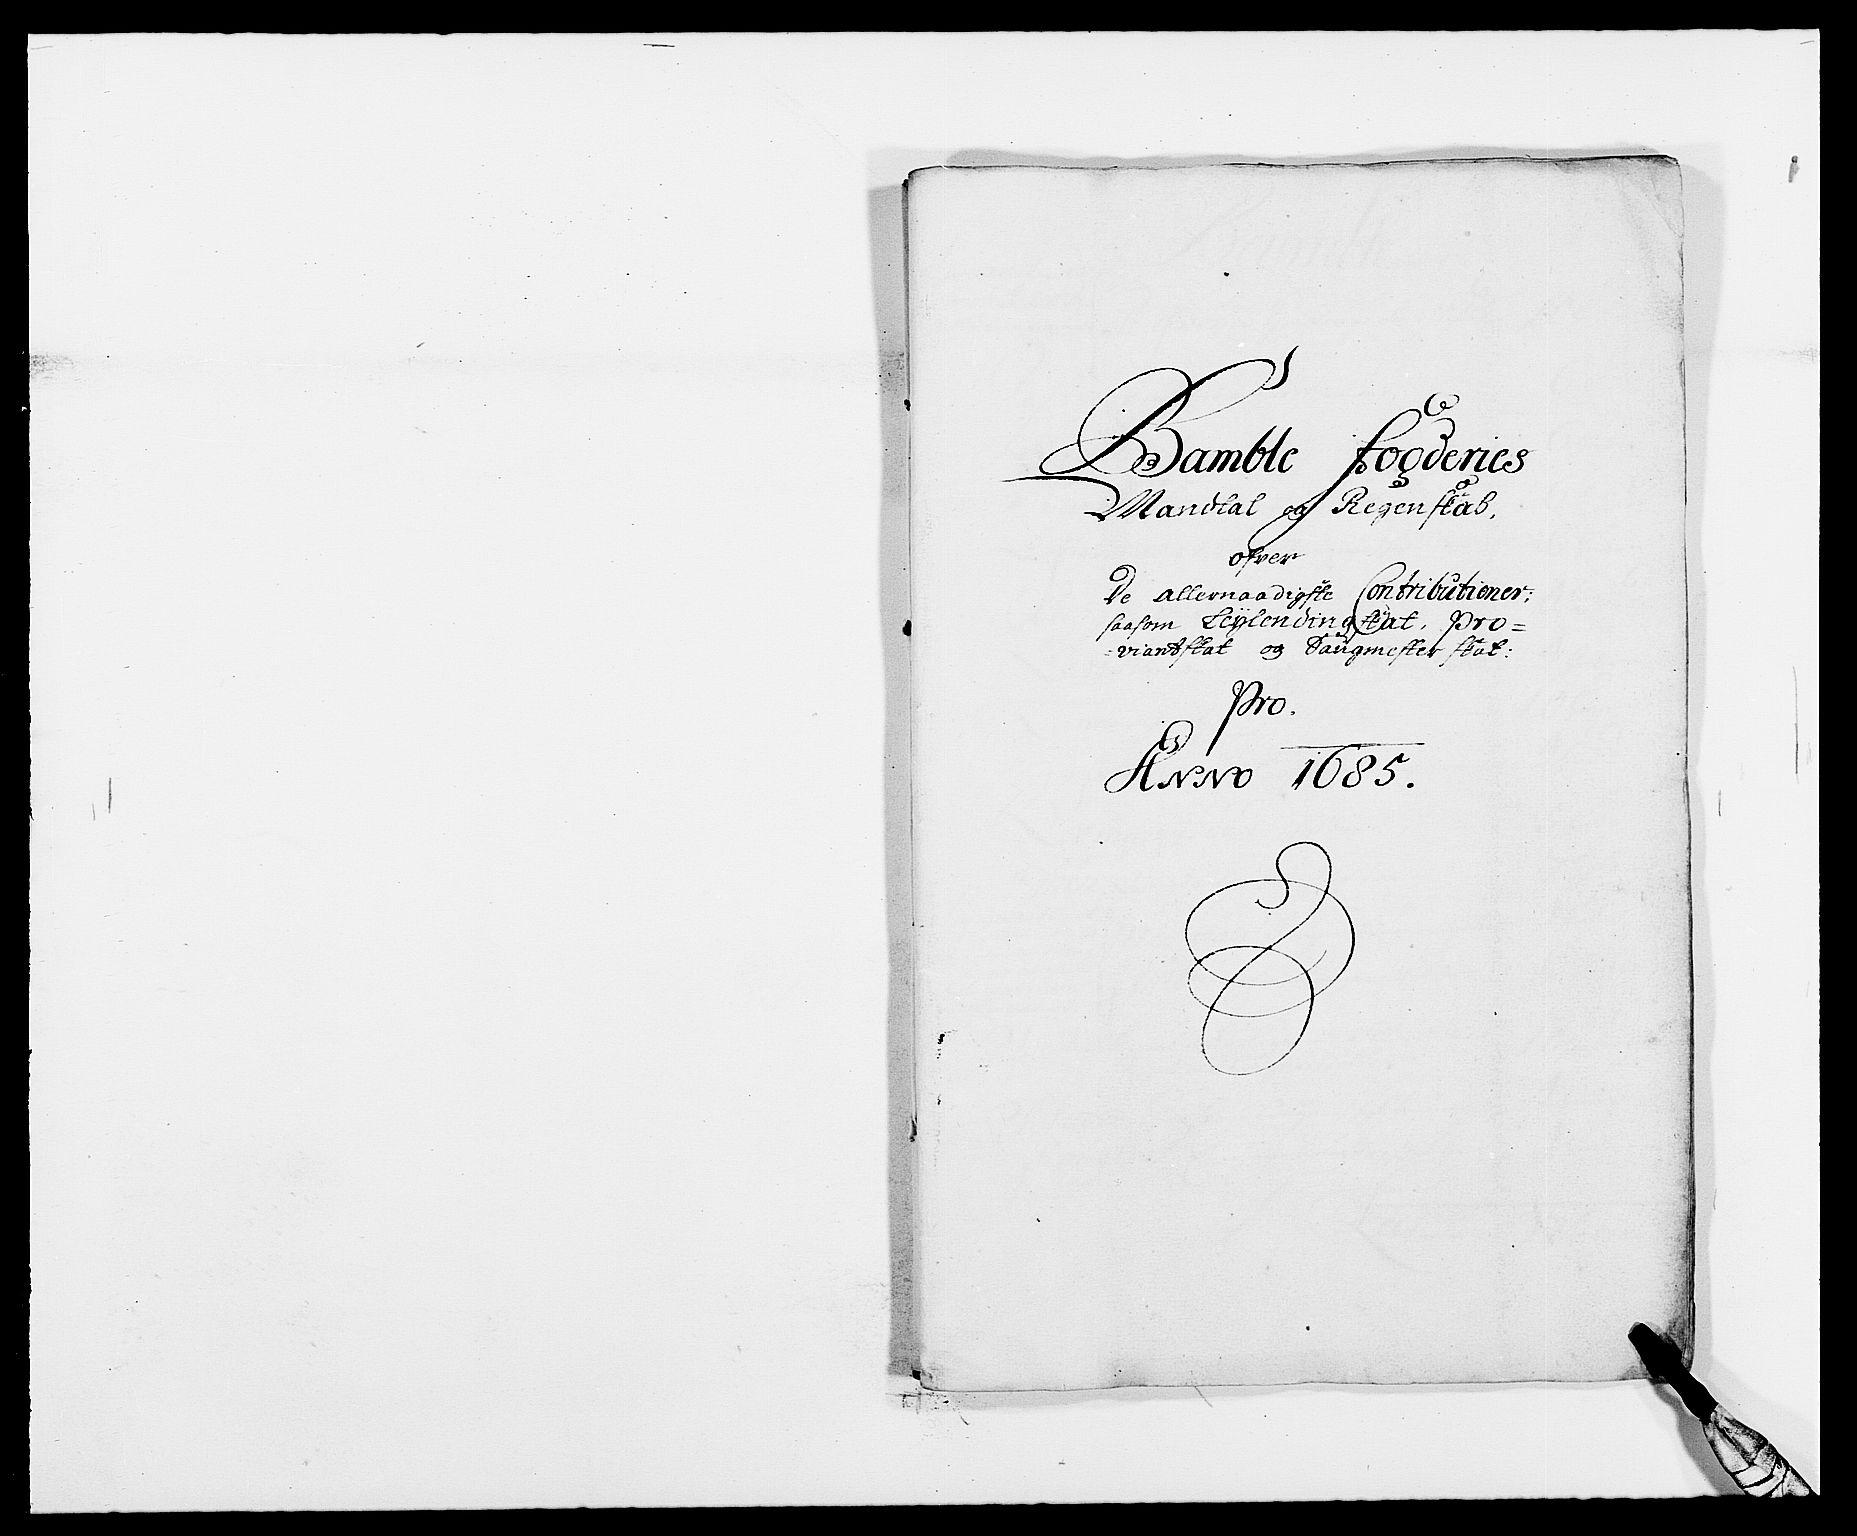 RA, Rentekammeret inntil 1814, Reviderte regnskaper, Fogderegnskap, R34/L2048: Fogderegnskap Bamble, 1685-1687, s. 71